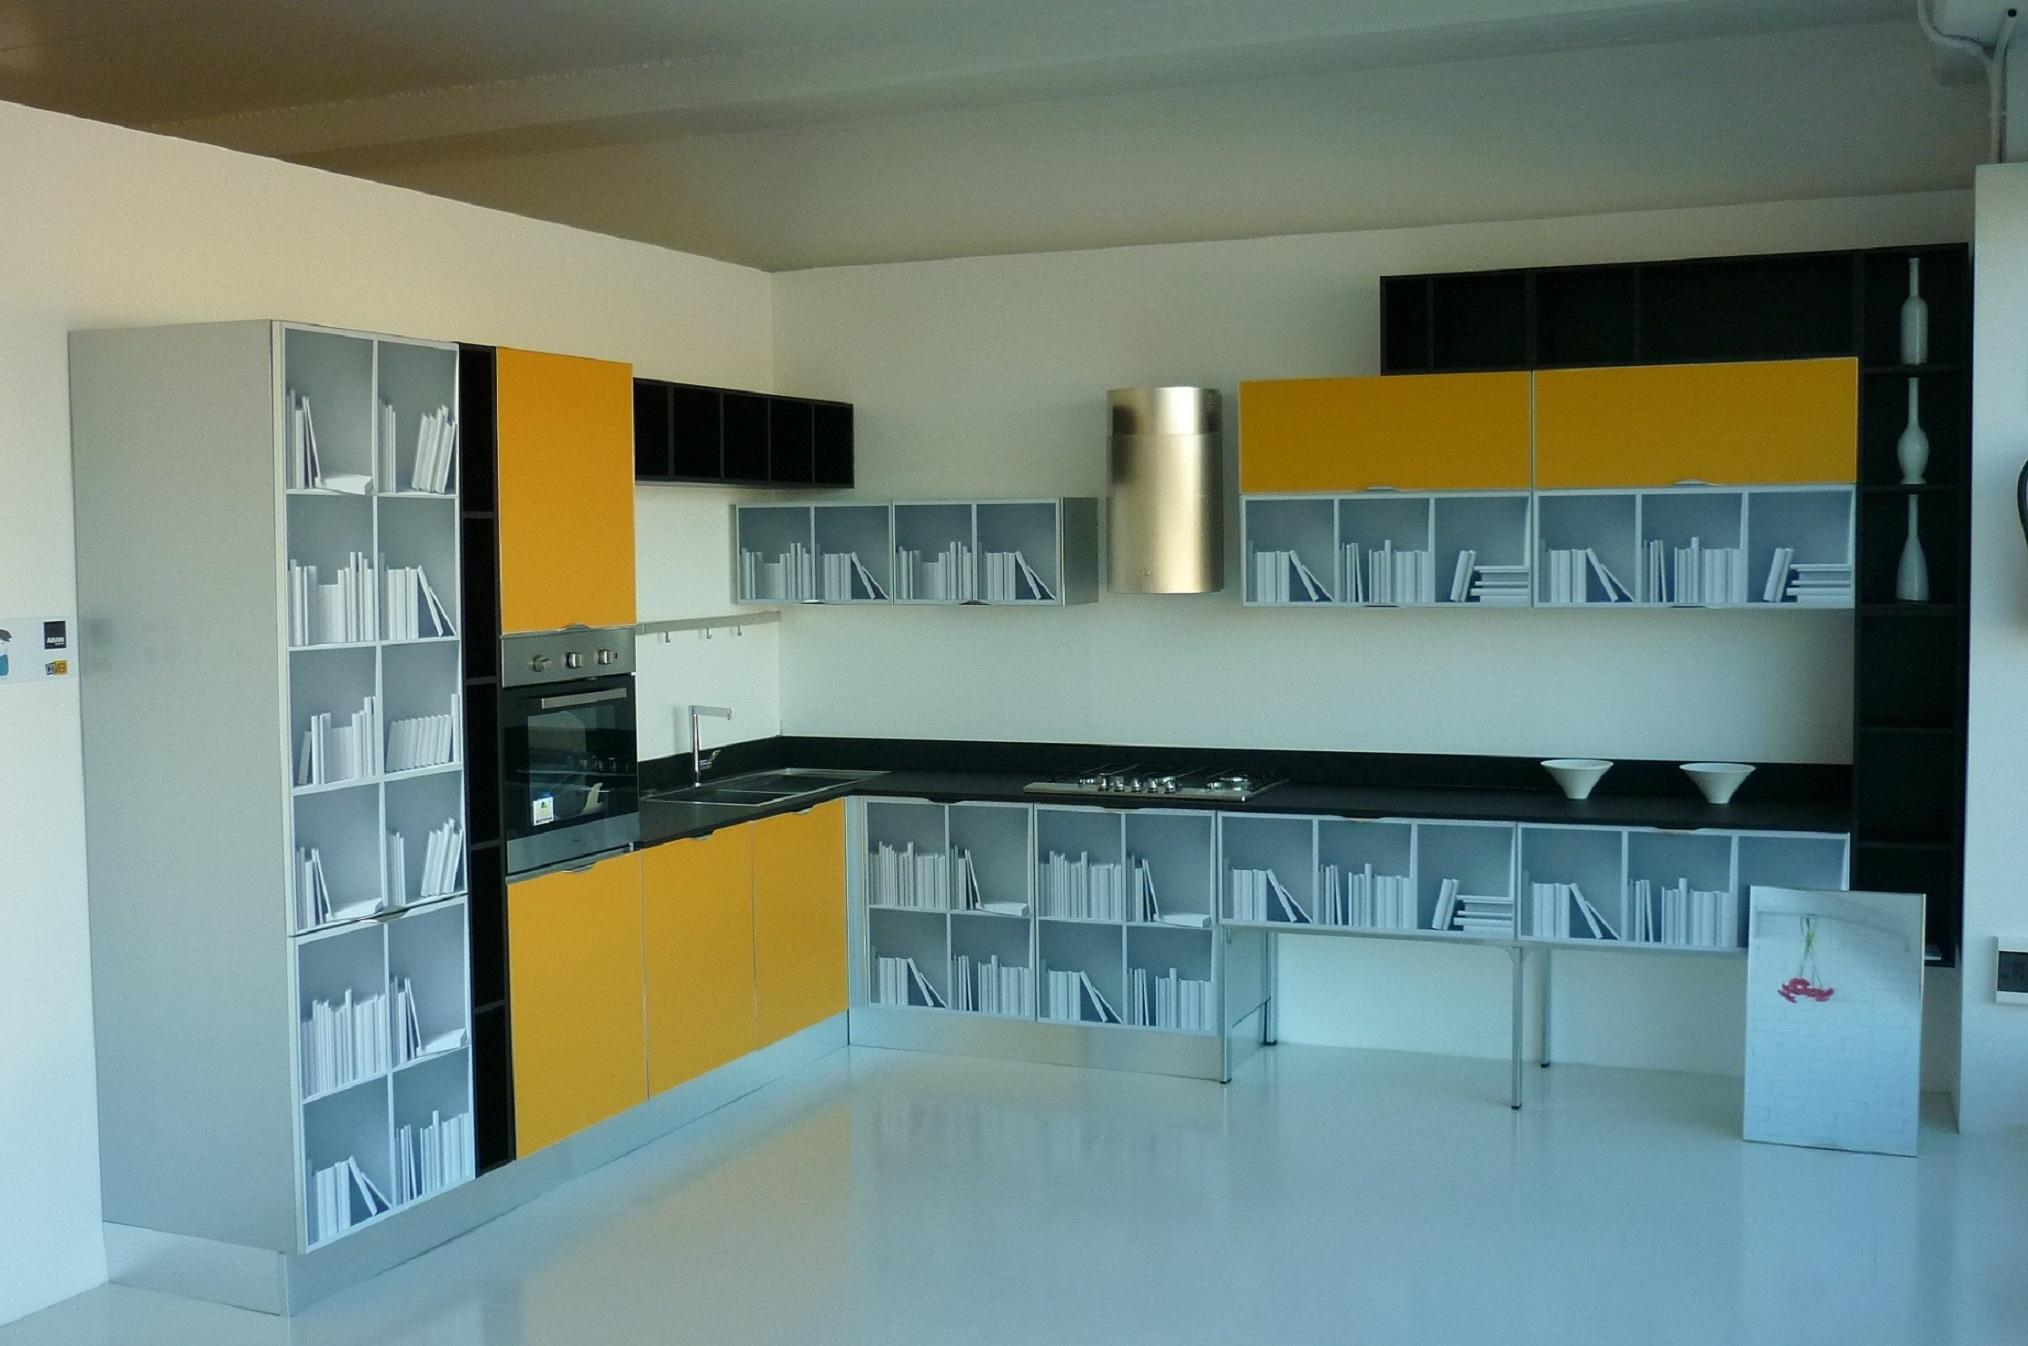 Cucina cover di aran cucine cucine a prezzi scontati - Cucina aran prezzi ...